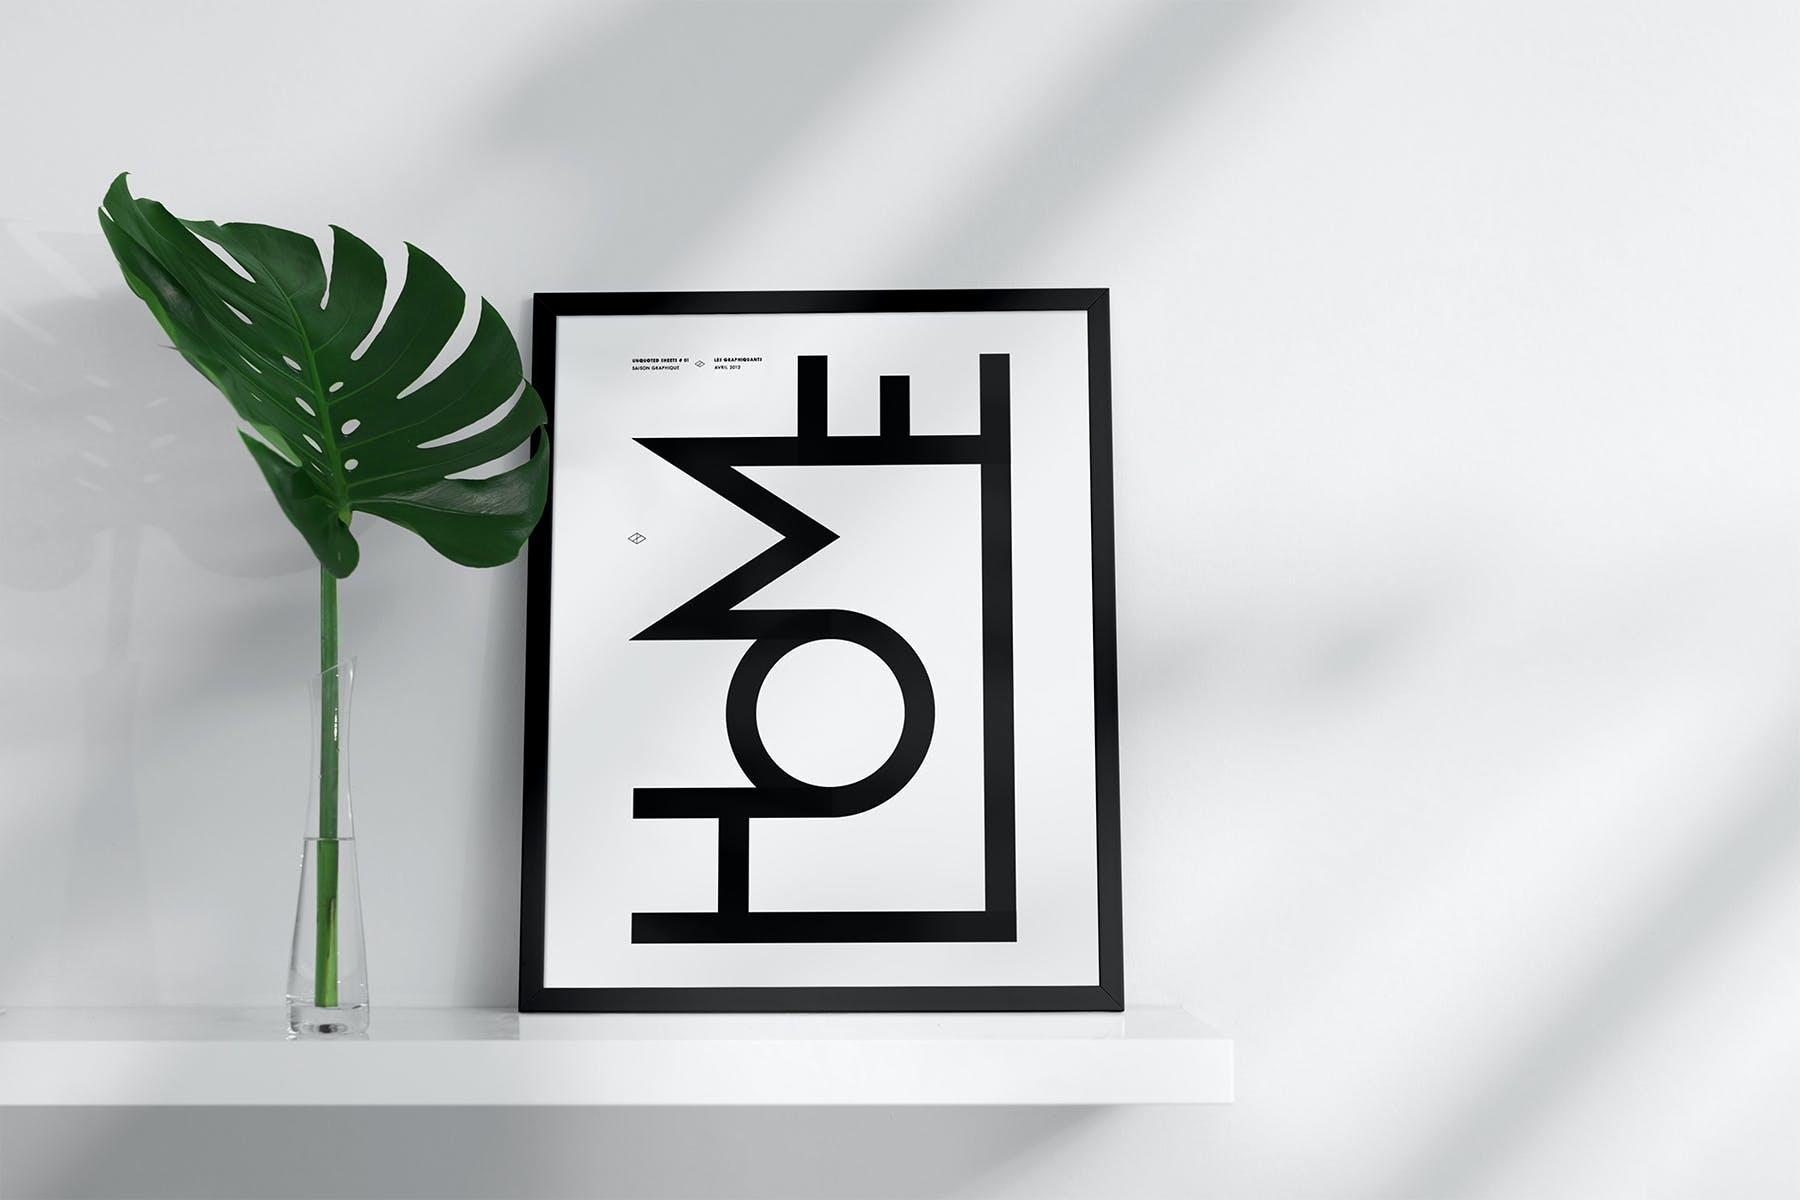 室内相片艺术品海报展示相框样机模板 Frame Mockup Home Style插图(3)